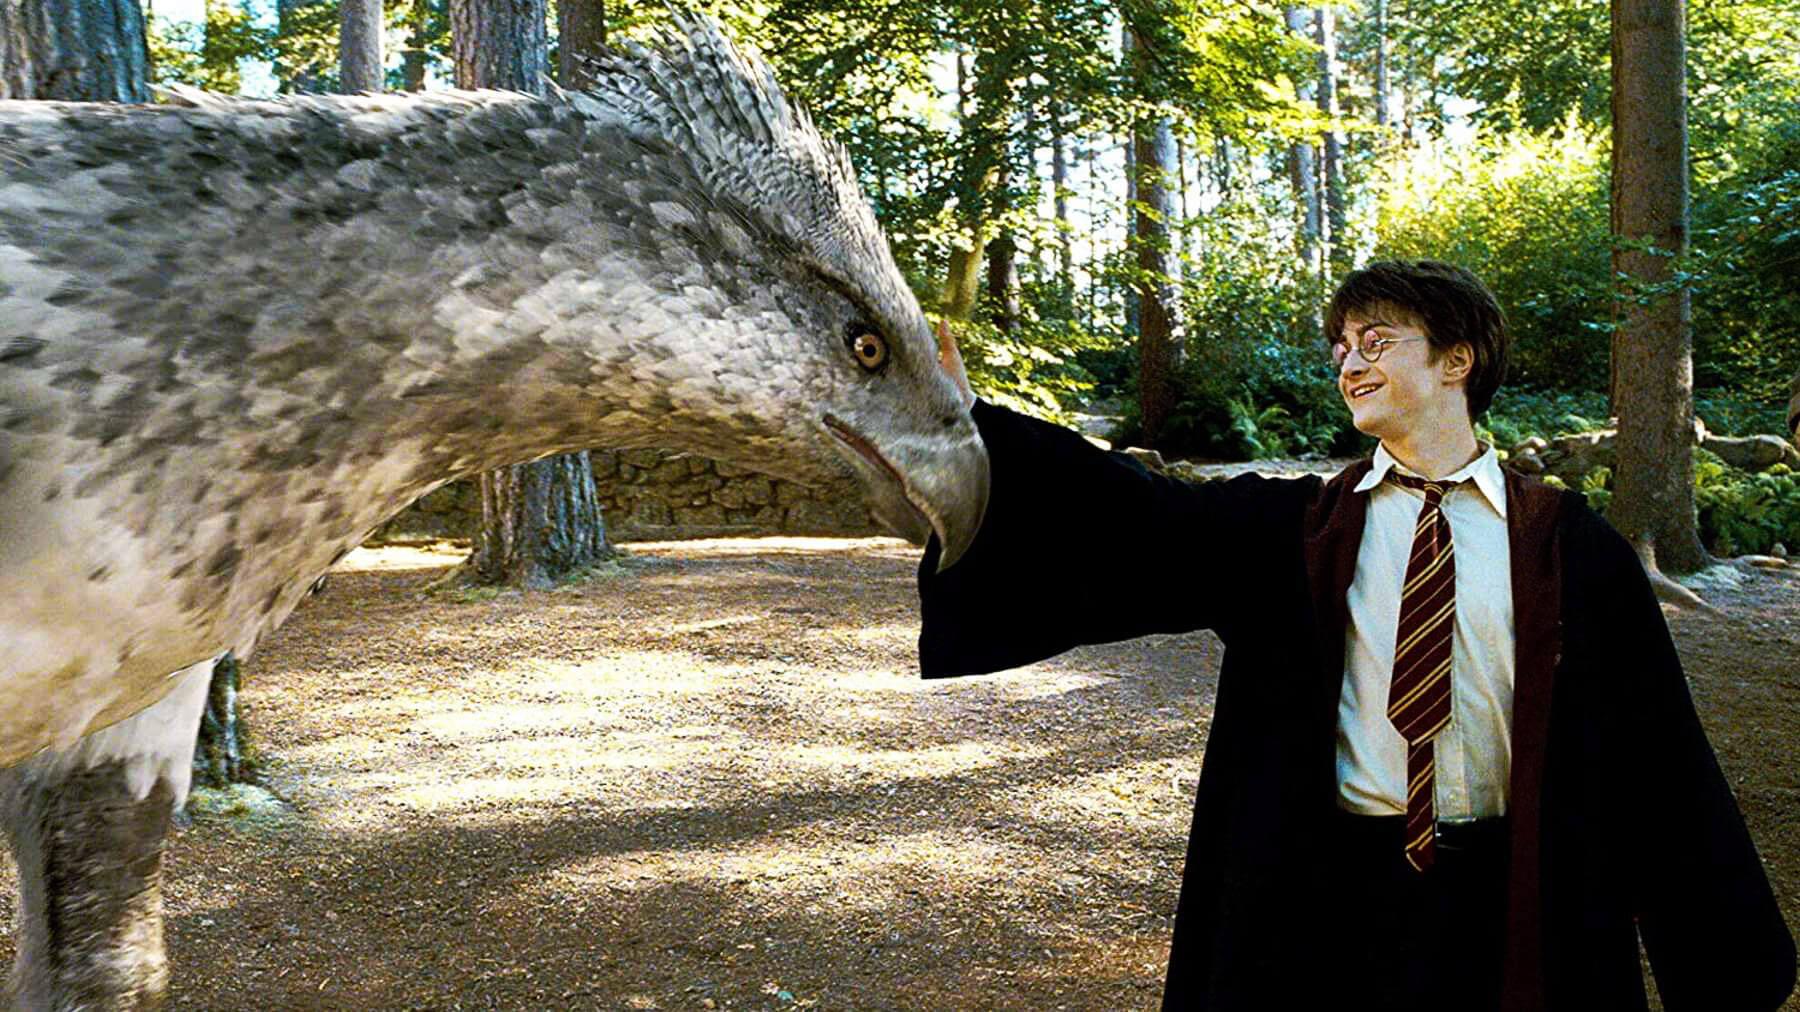 رتبه بندی تمام فیلم های هری پاتر Harry Potter و جانوران شگفتانگیز Fantastic Beasts